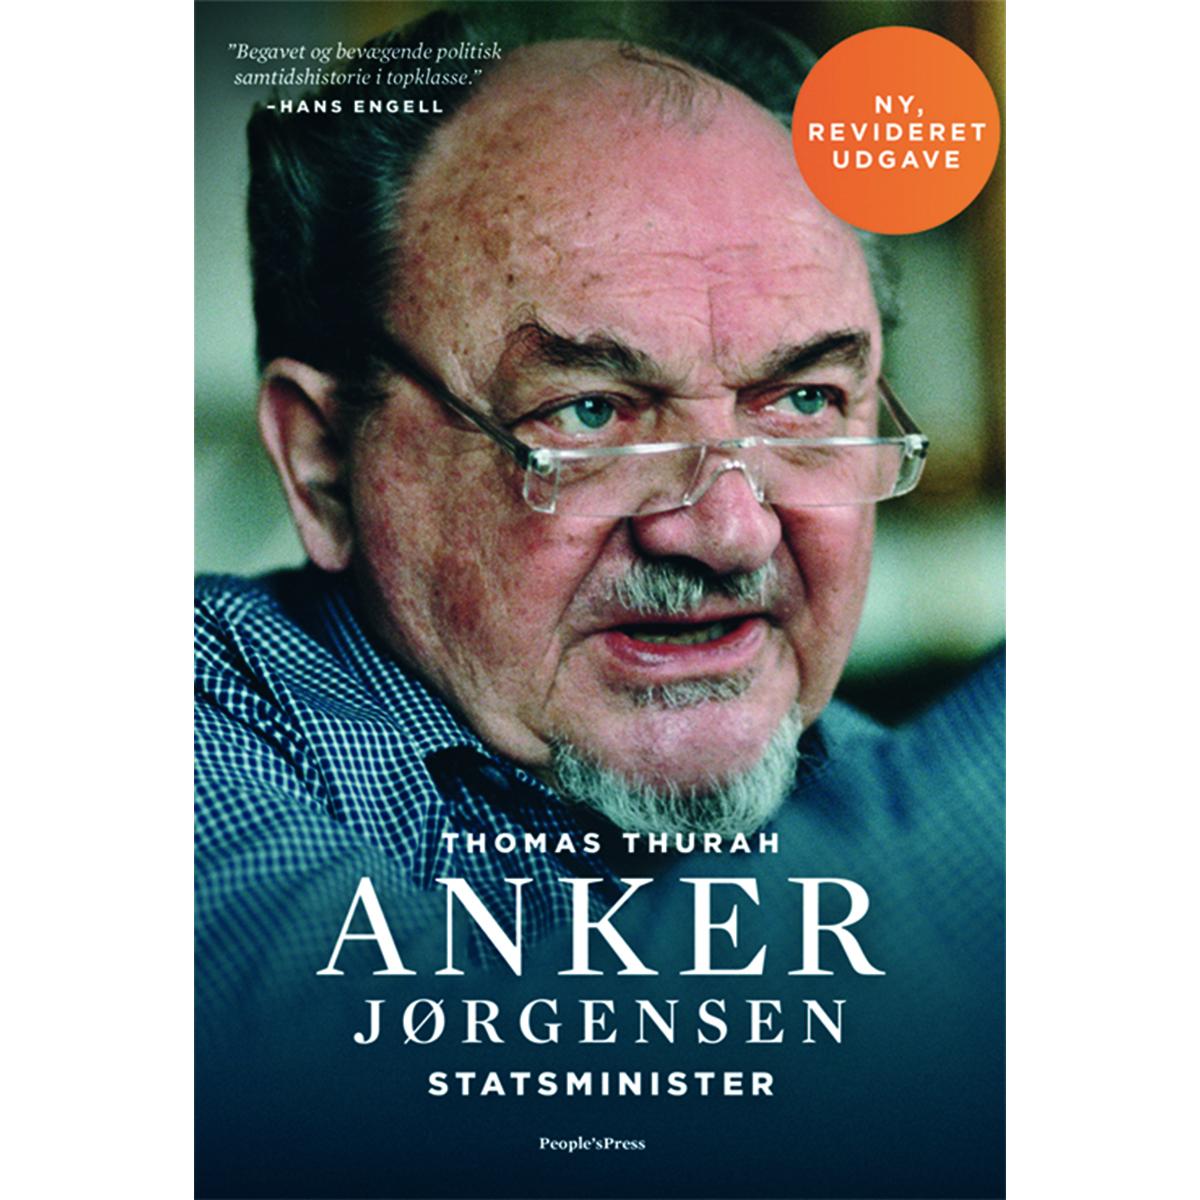 Billede af Anker Jørgensen - Statsminister - Hæftet